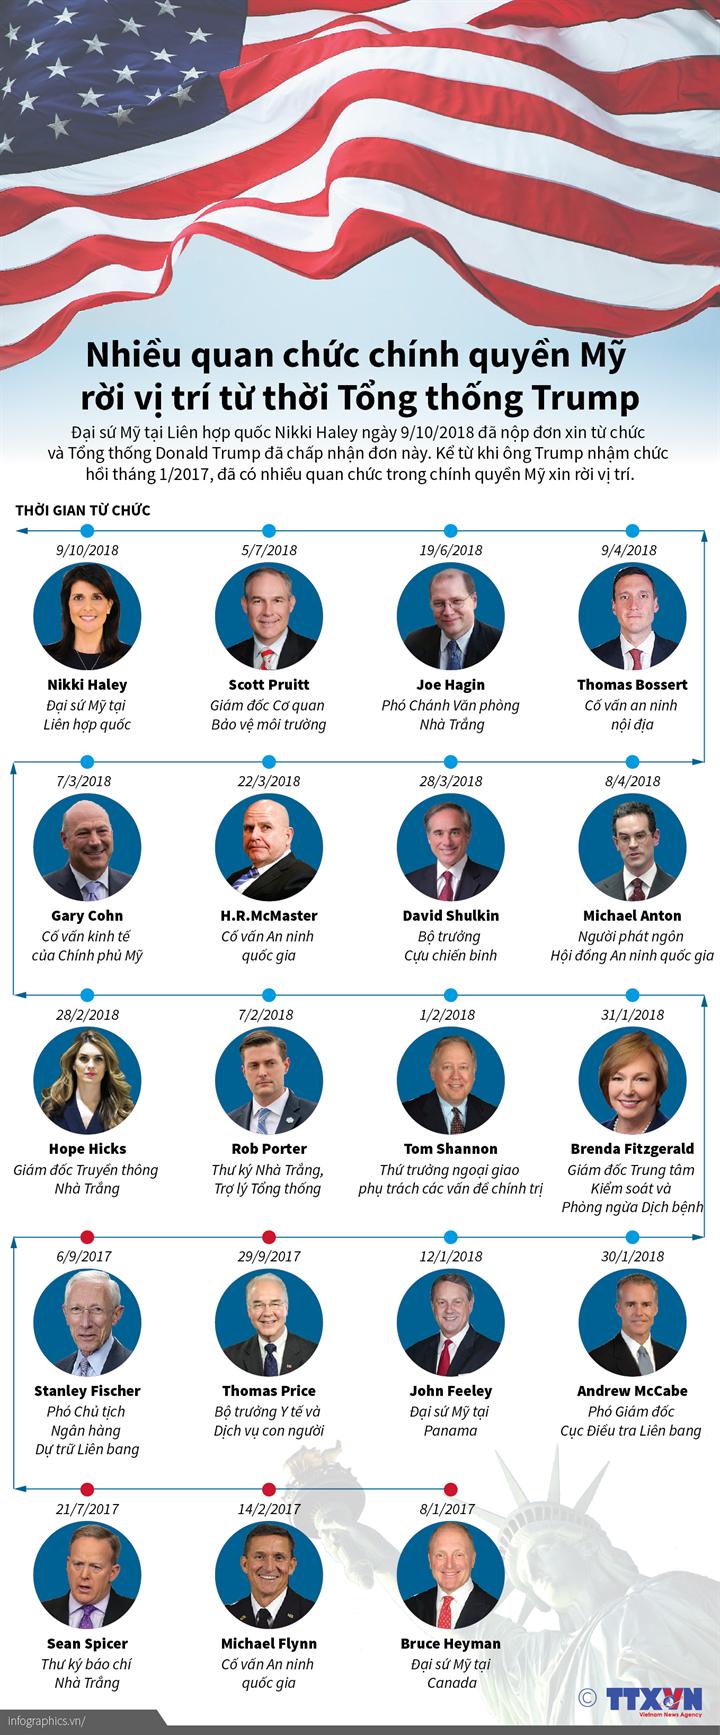 Nhiều quan chức chính quyền Mỹ rời vị trí từ thời Tổng thống Trump